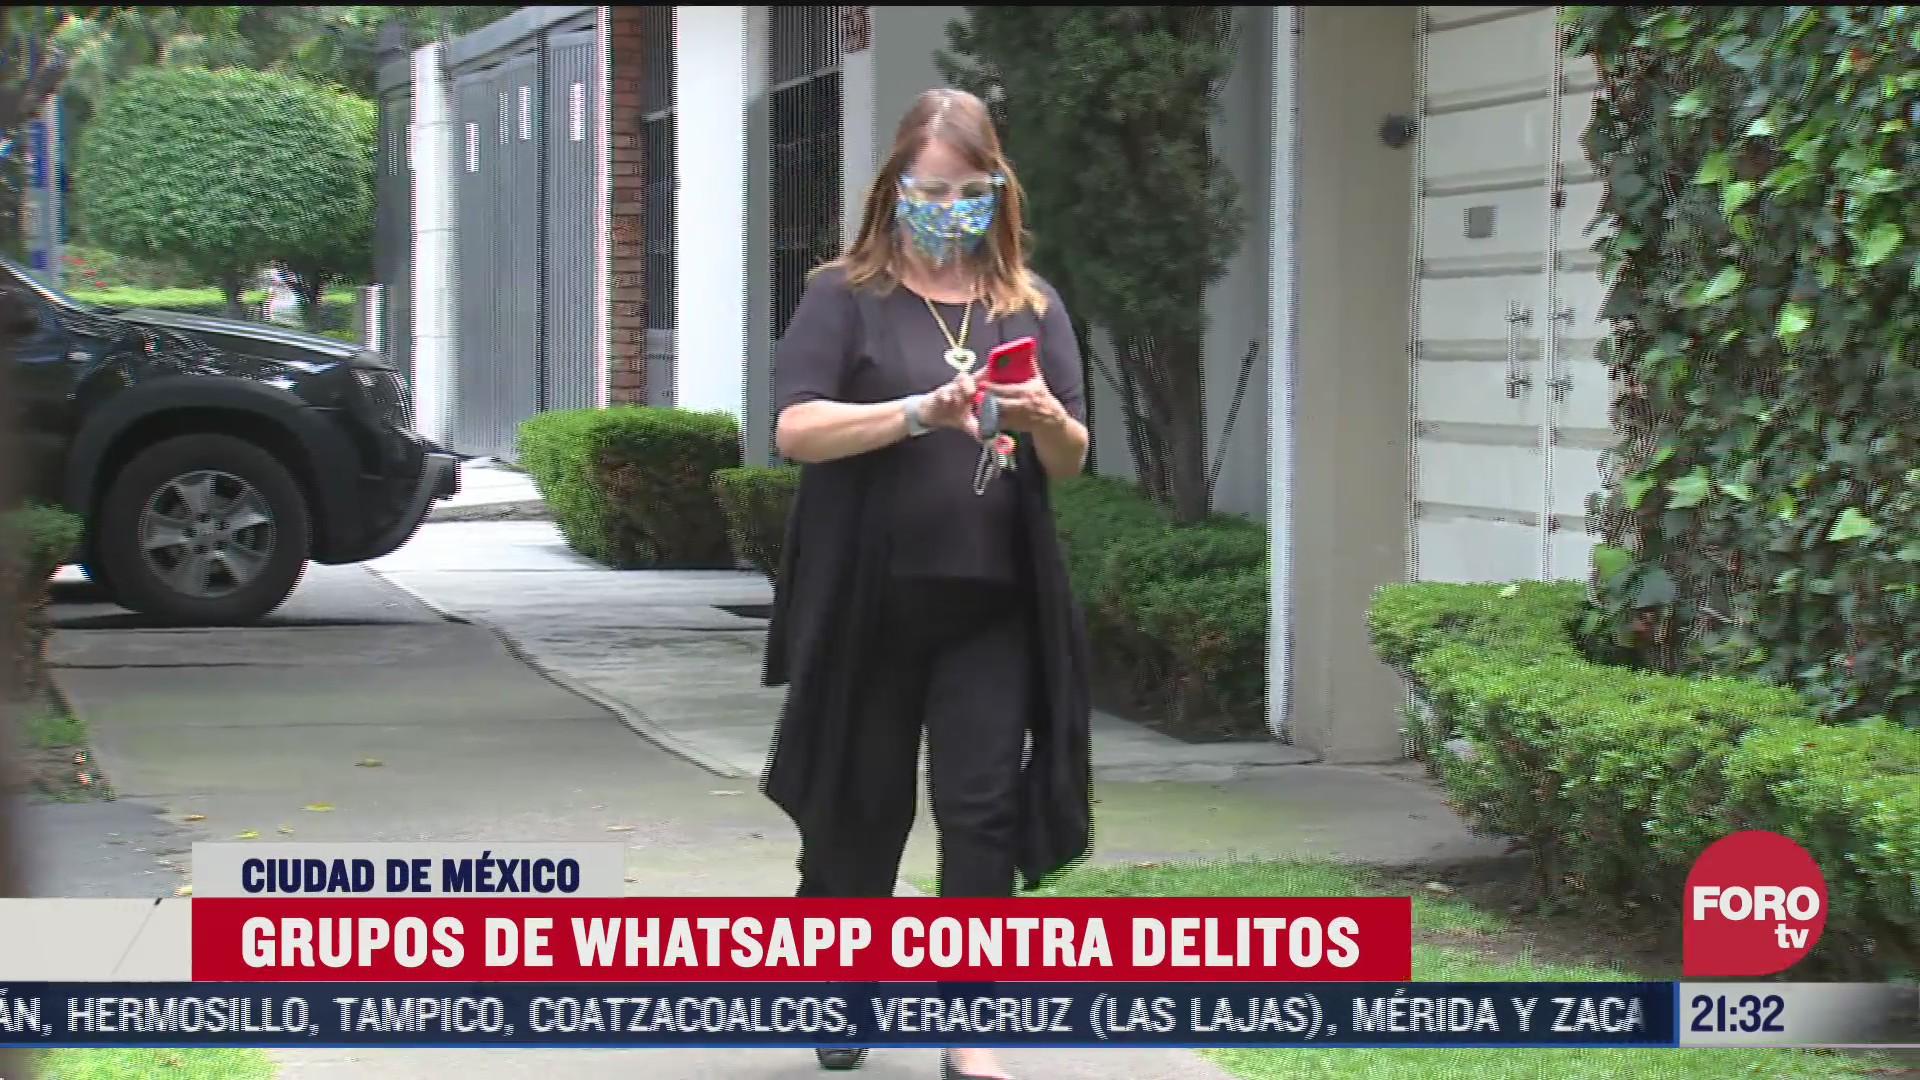 vecinos crean grupos de whatsapp contra la delincuencia en cdmx